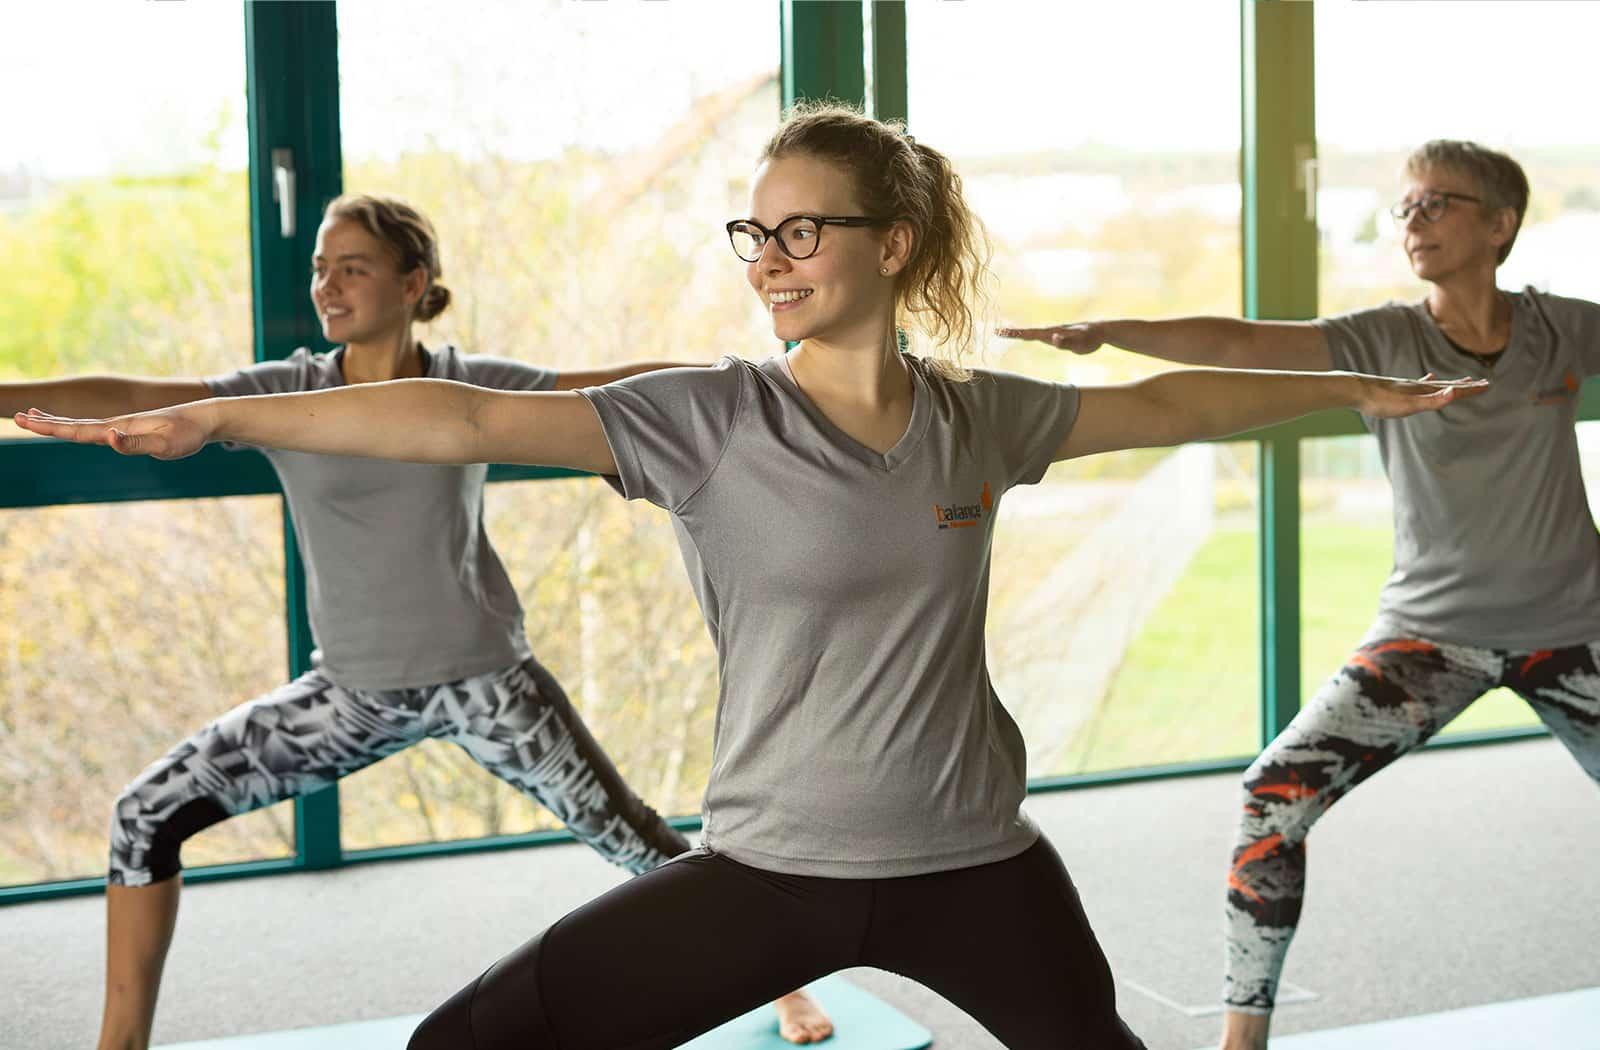 Im Fitnessstudio balance in Kitzingen werden jede Woche verschieden Yoga-Workouts angeboten. Aktuell sind dies: Hatha Yoga, Chakra Yoga, Yoga Moves sowie TRX Yoga.